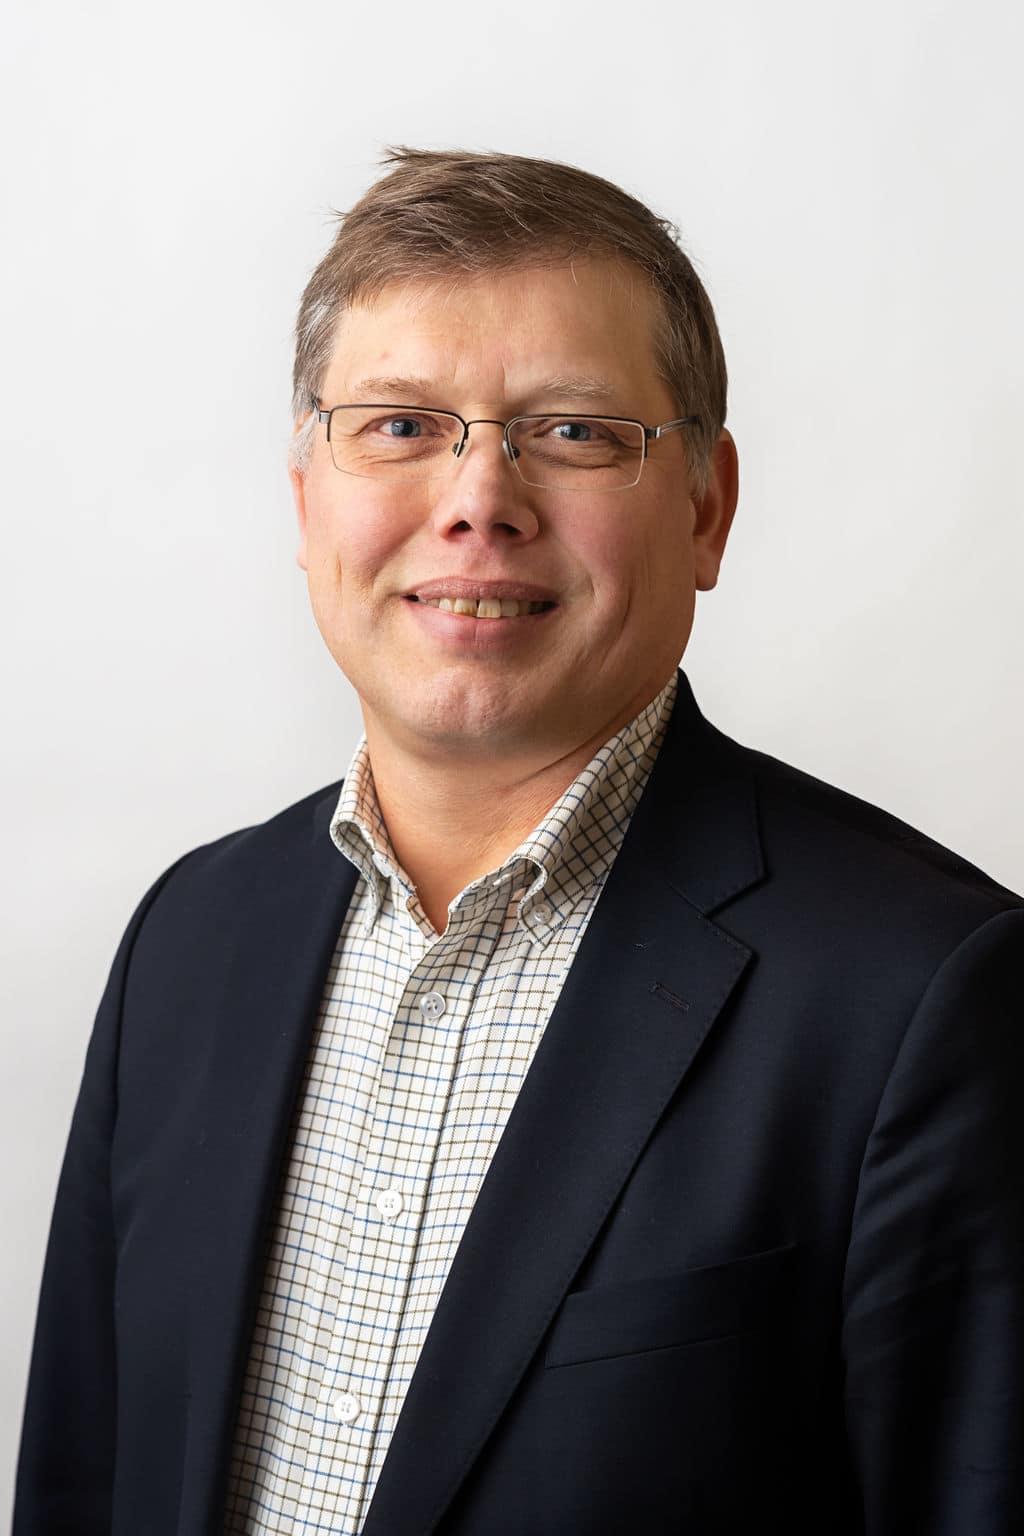 Mikael Sjöberg